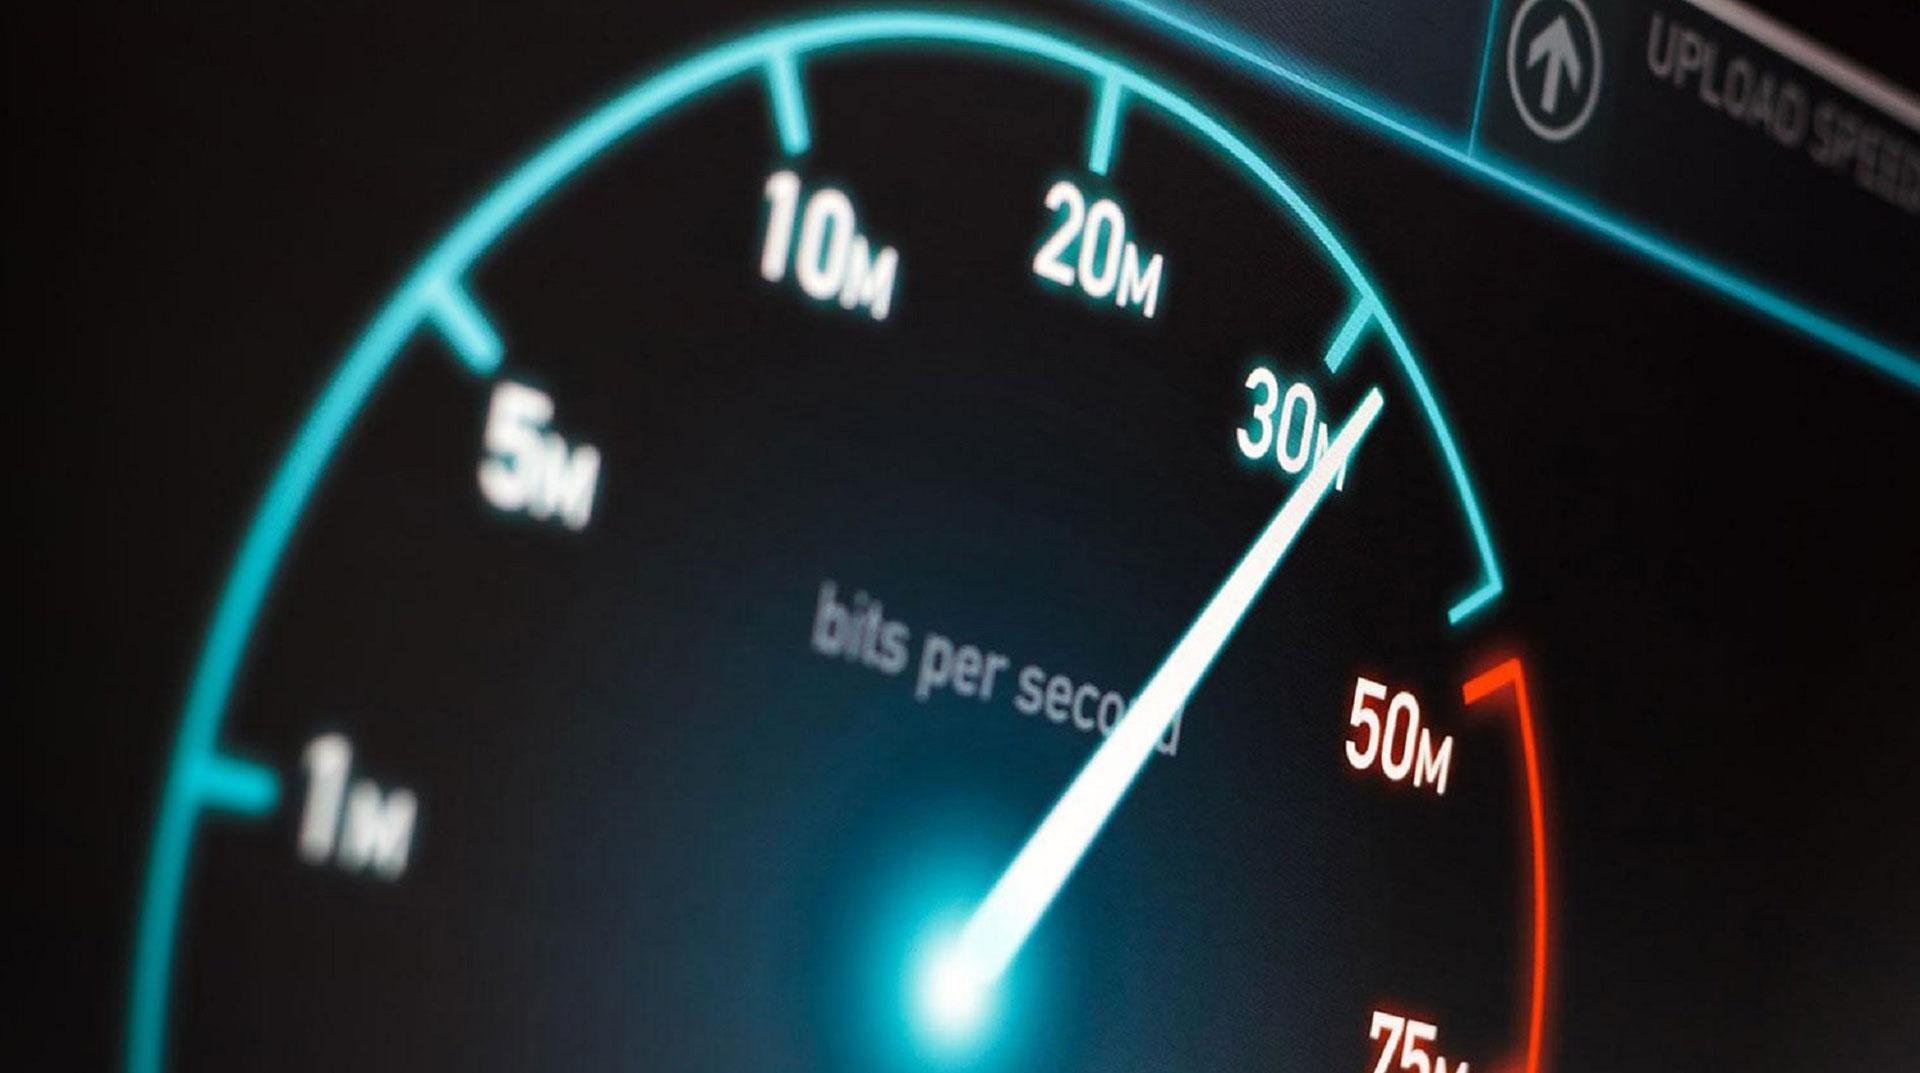 Evden Çalışırken İnternetin Hızını Artıracak İpuçları